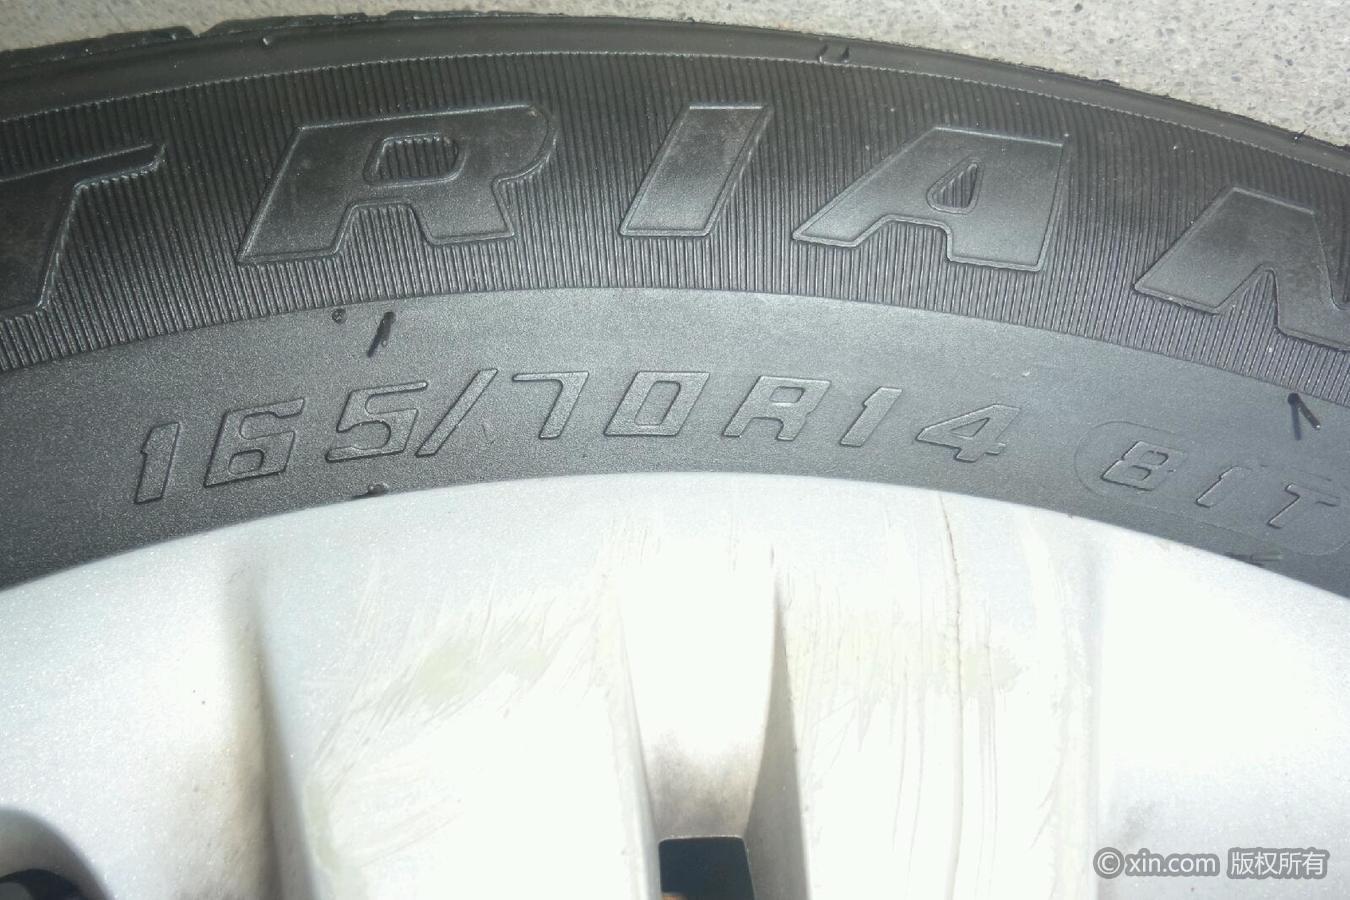 铃木轮胎左前疙瘩尺寸软蜱虫咬人起一个雨燕图片